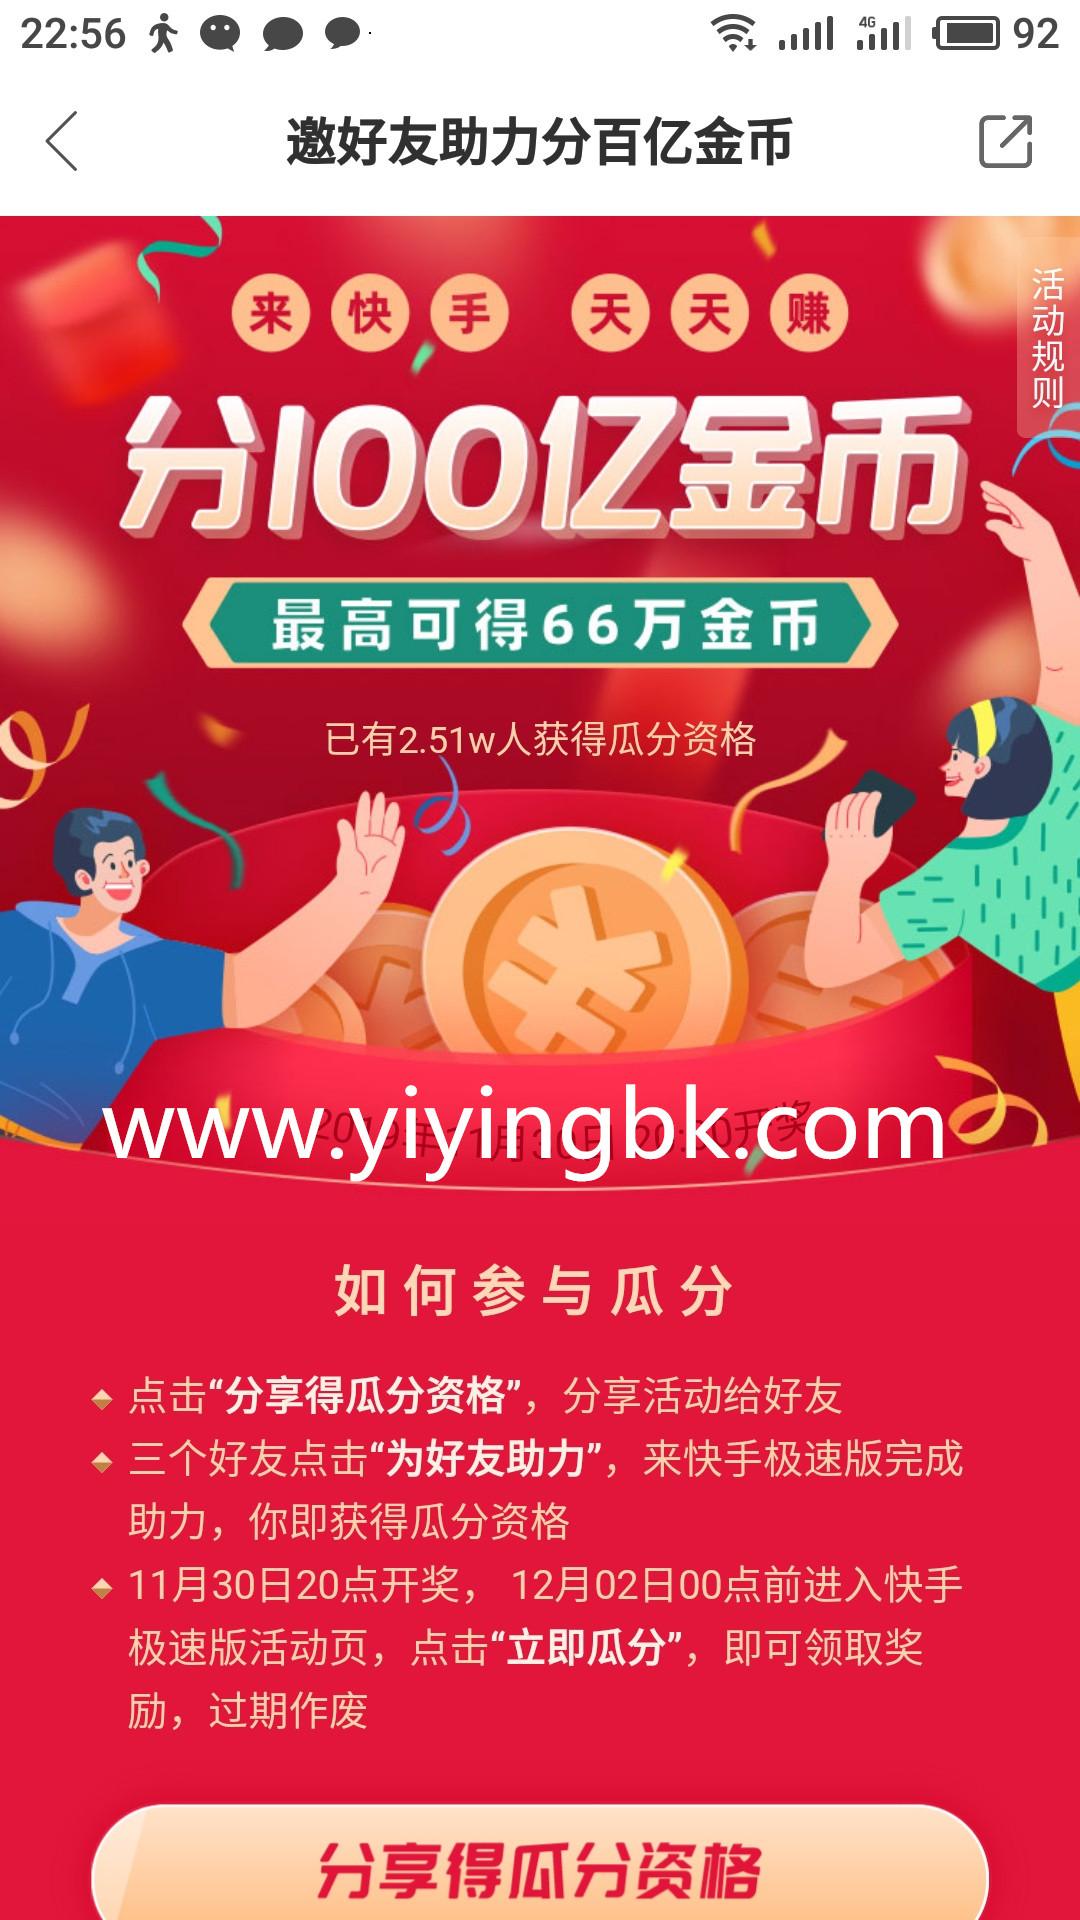 免费瓜分100亿金币(100万元红包)活动,每人最高可得66万金币(66元红包)。